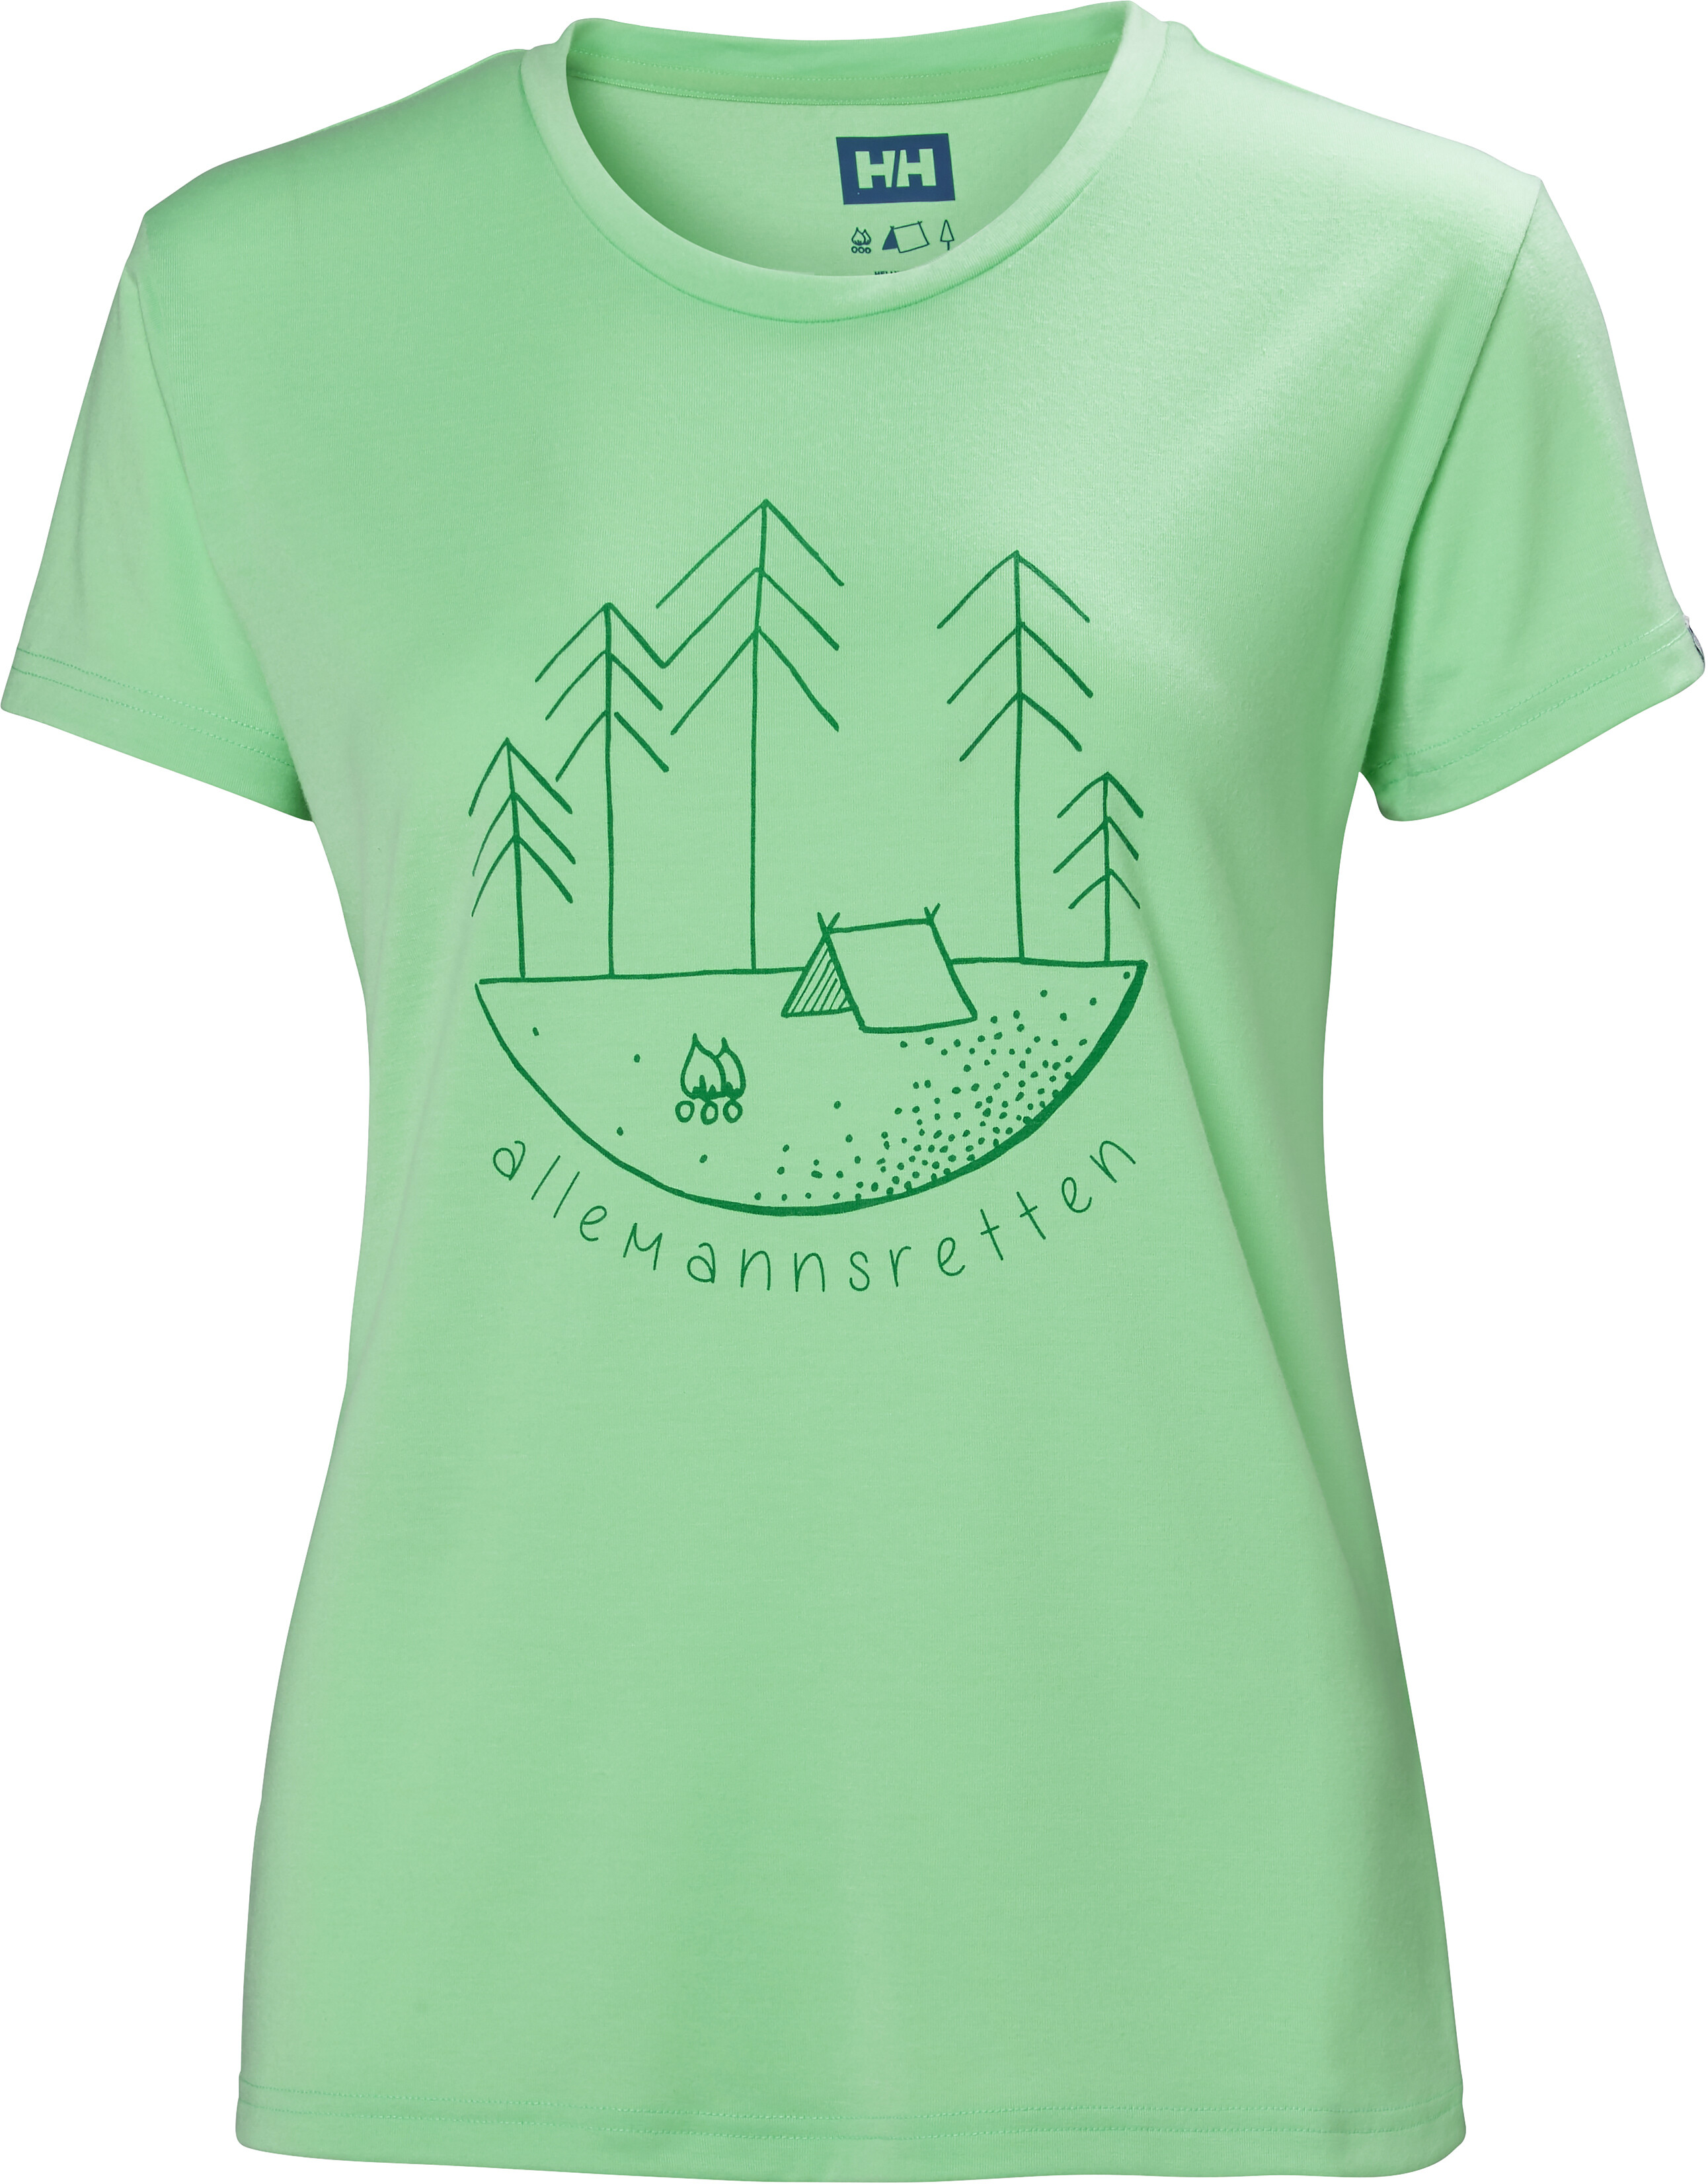 dff04506ee3 Helly Hansen Skog Graphic t-shirt Dames turquoise